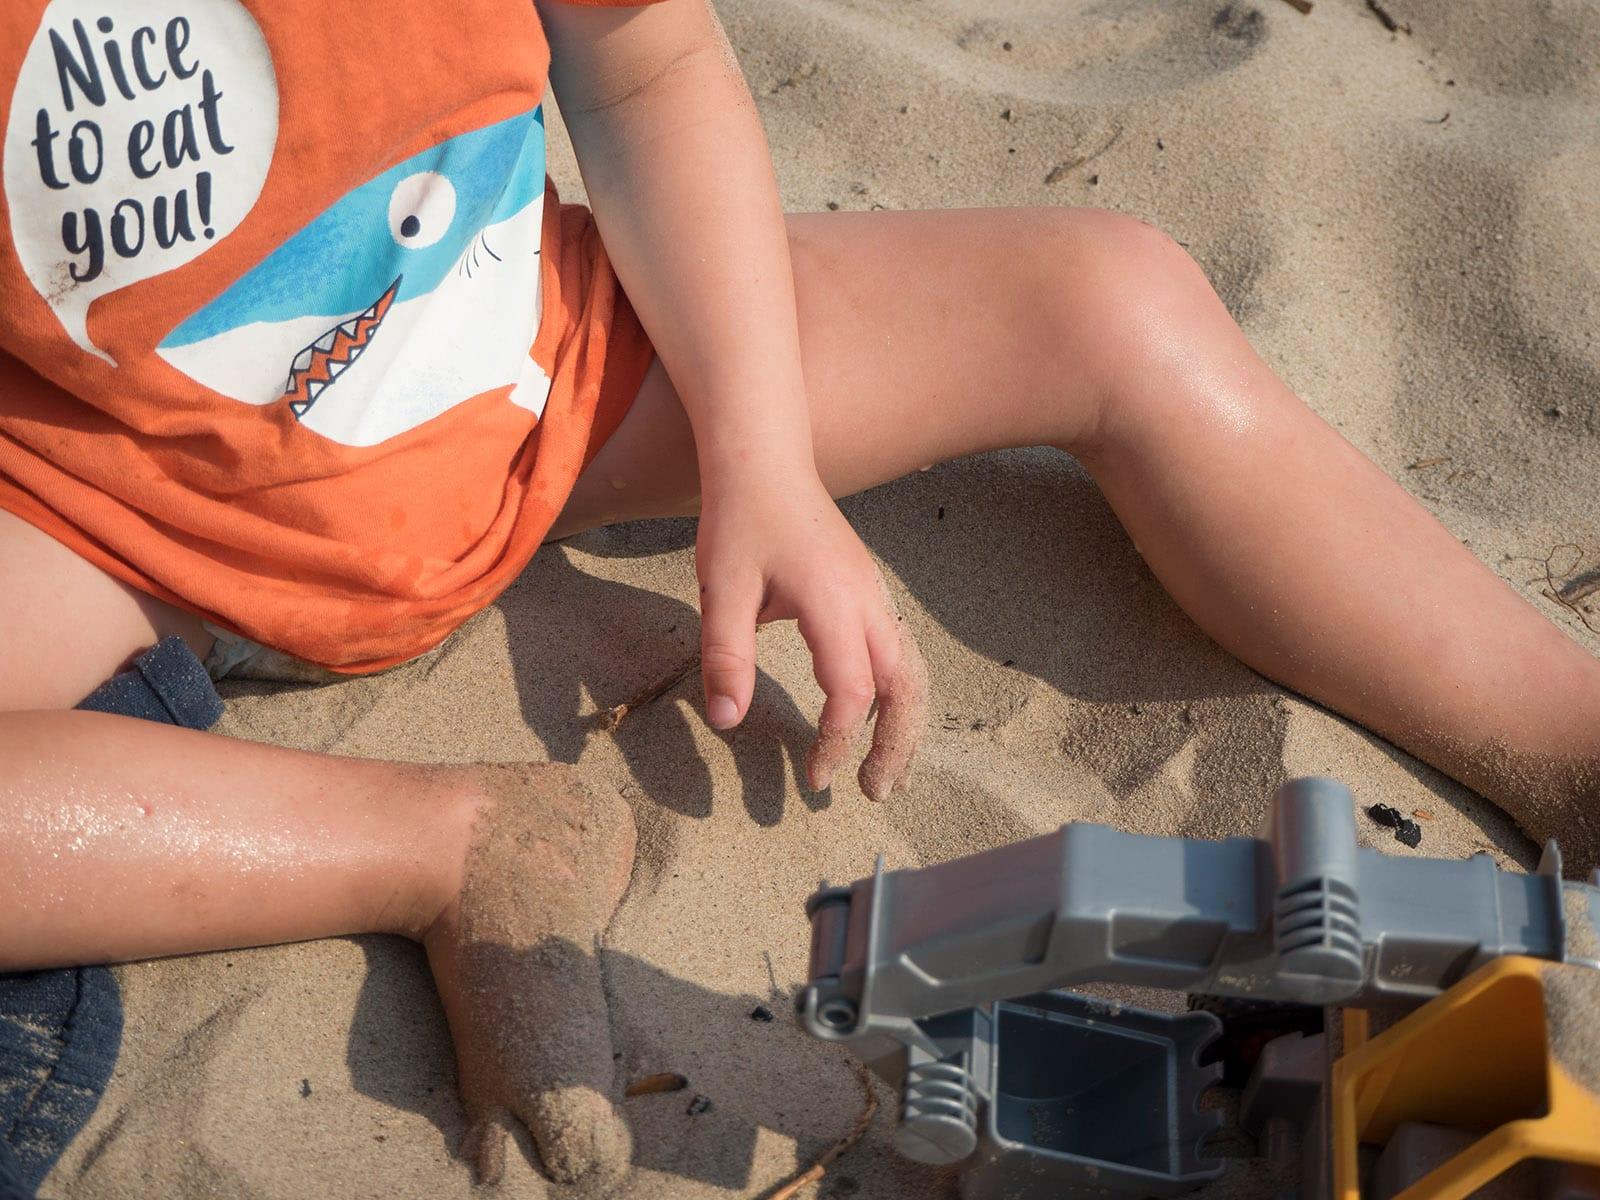 Kinderhaut im Sommer richtig schützen und pflegen – alles, was man zu diesem Thema wissen sollte